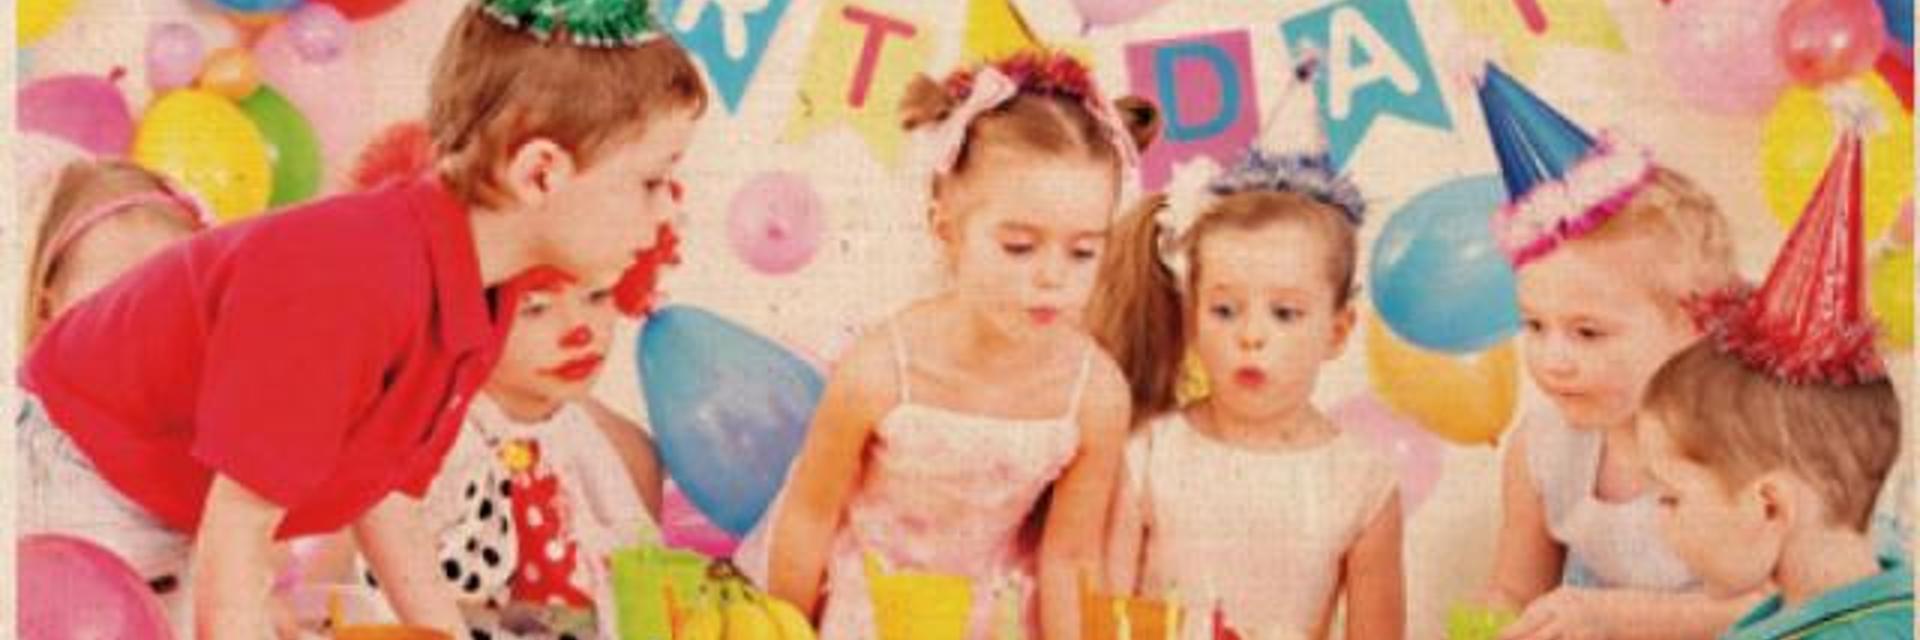 Kindergeburtstage (Startseite Slider)